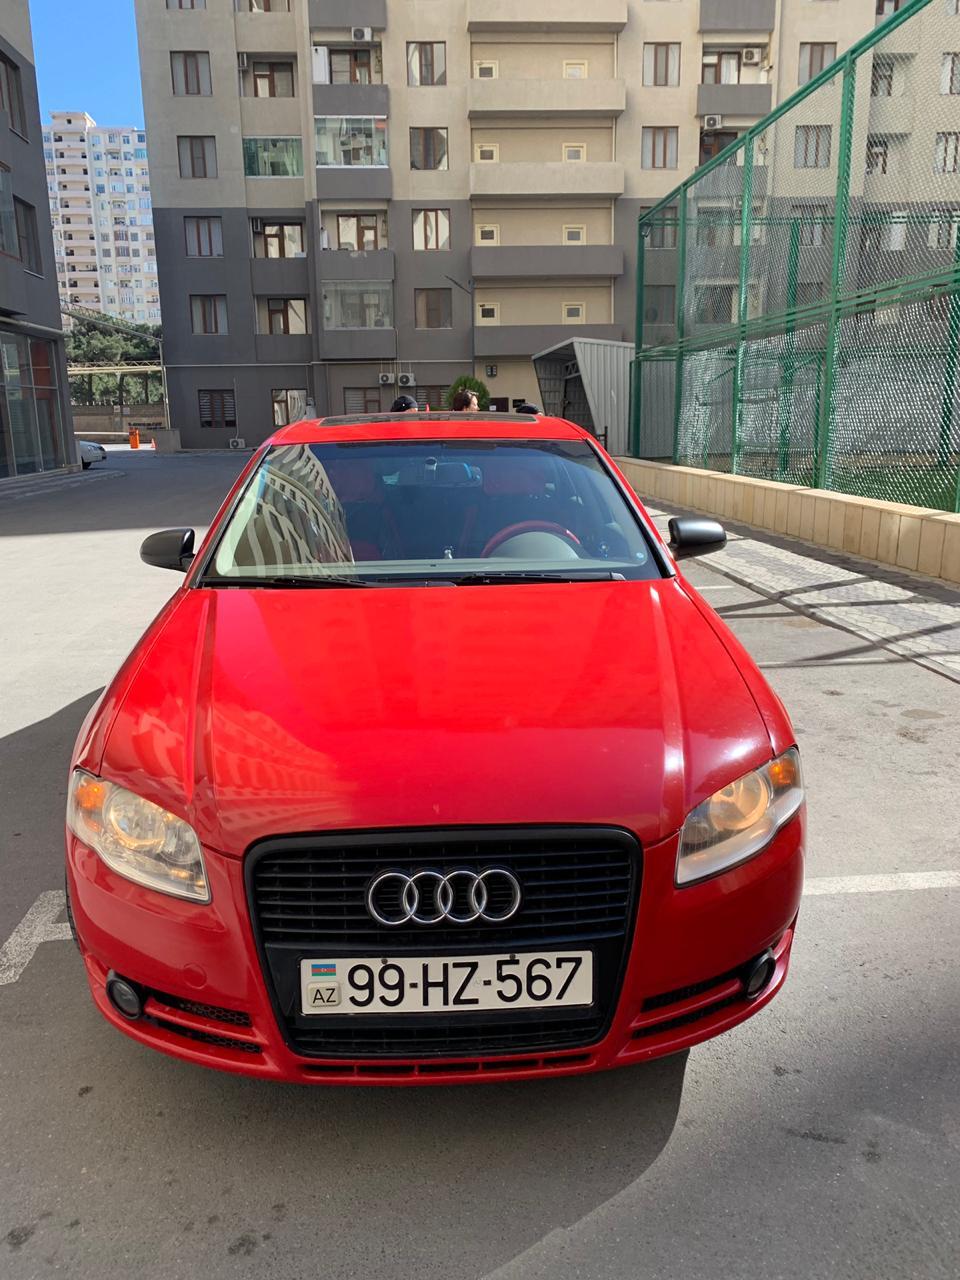 Audi A4 2.0(lt) 2007 Подержанный  $8000